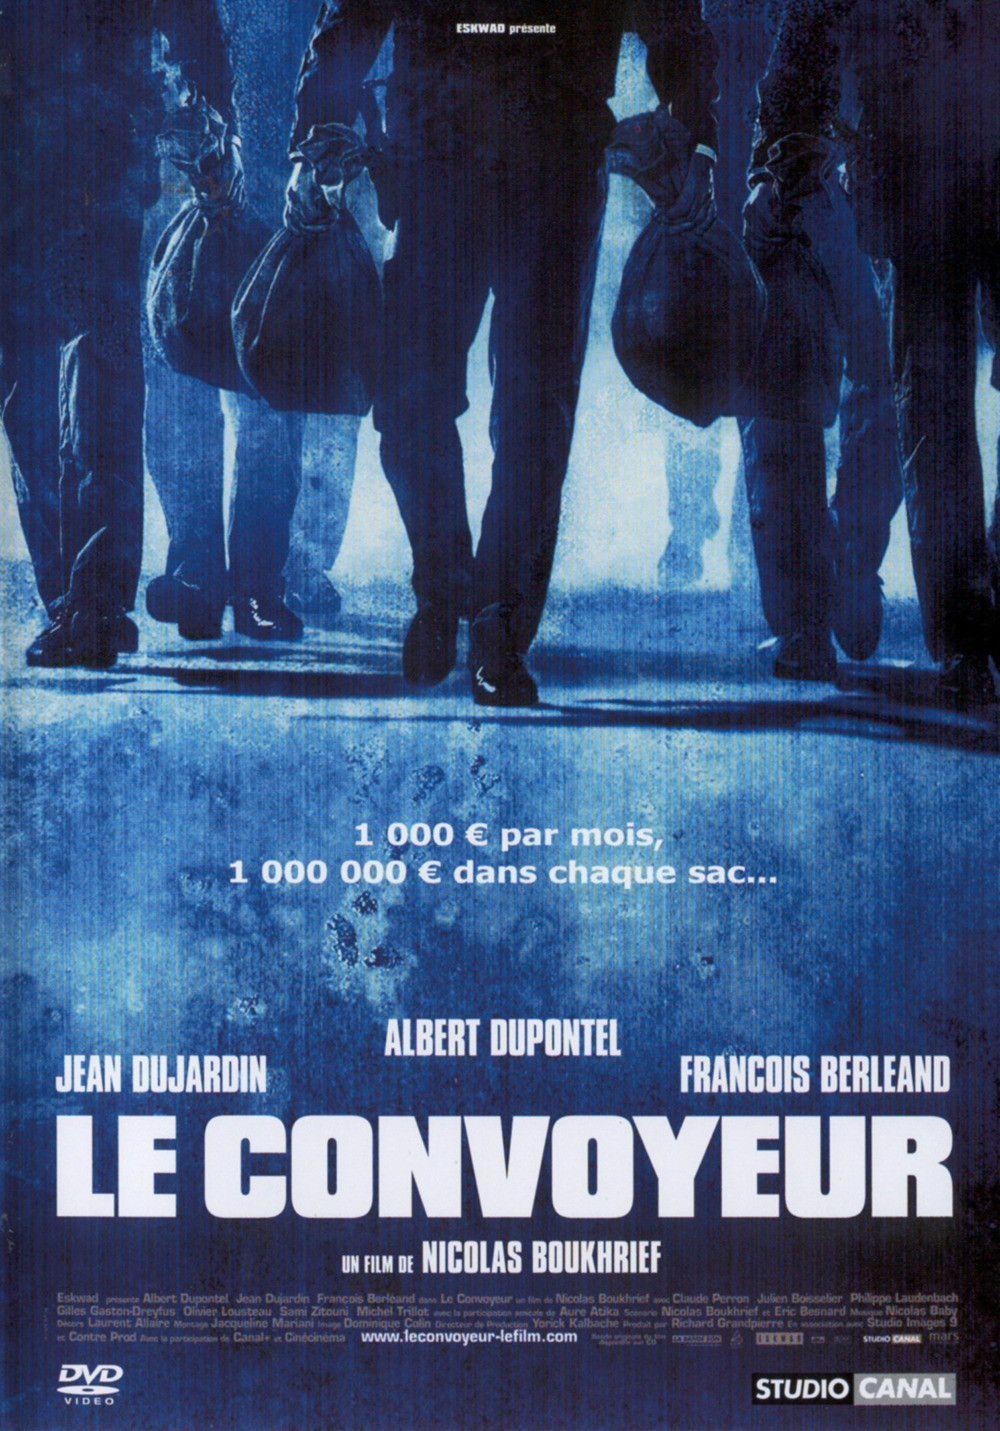 LE CONVOYEUR de Nicolas Boukhrief